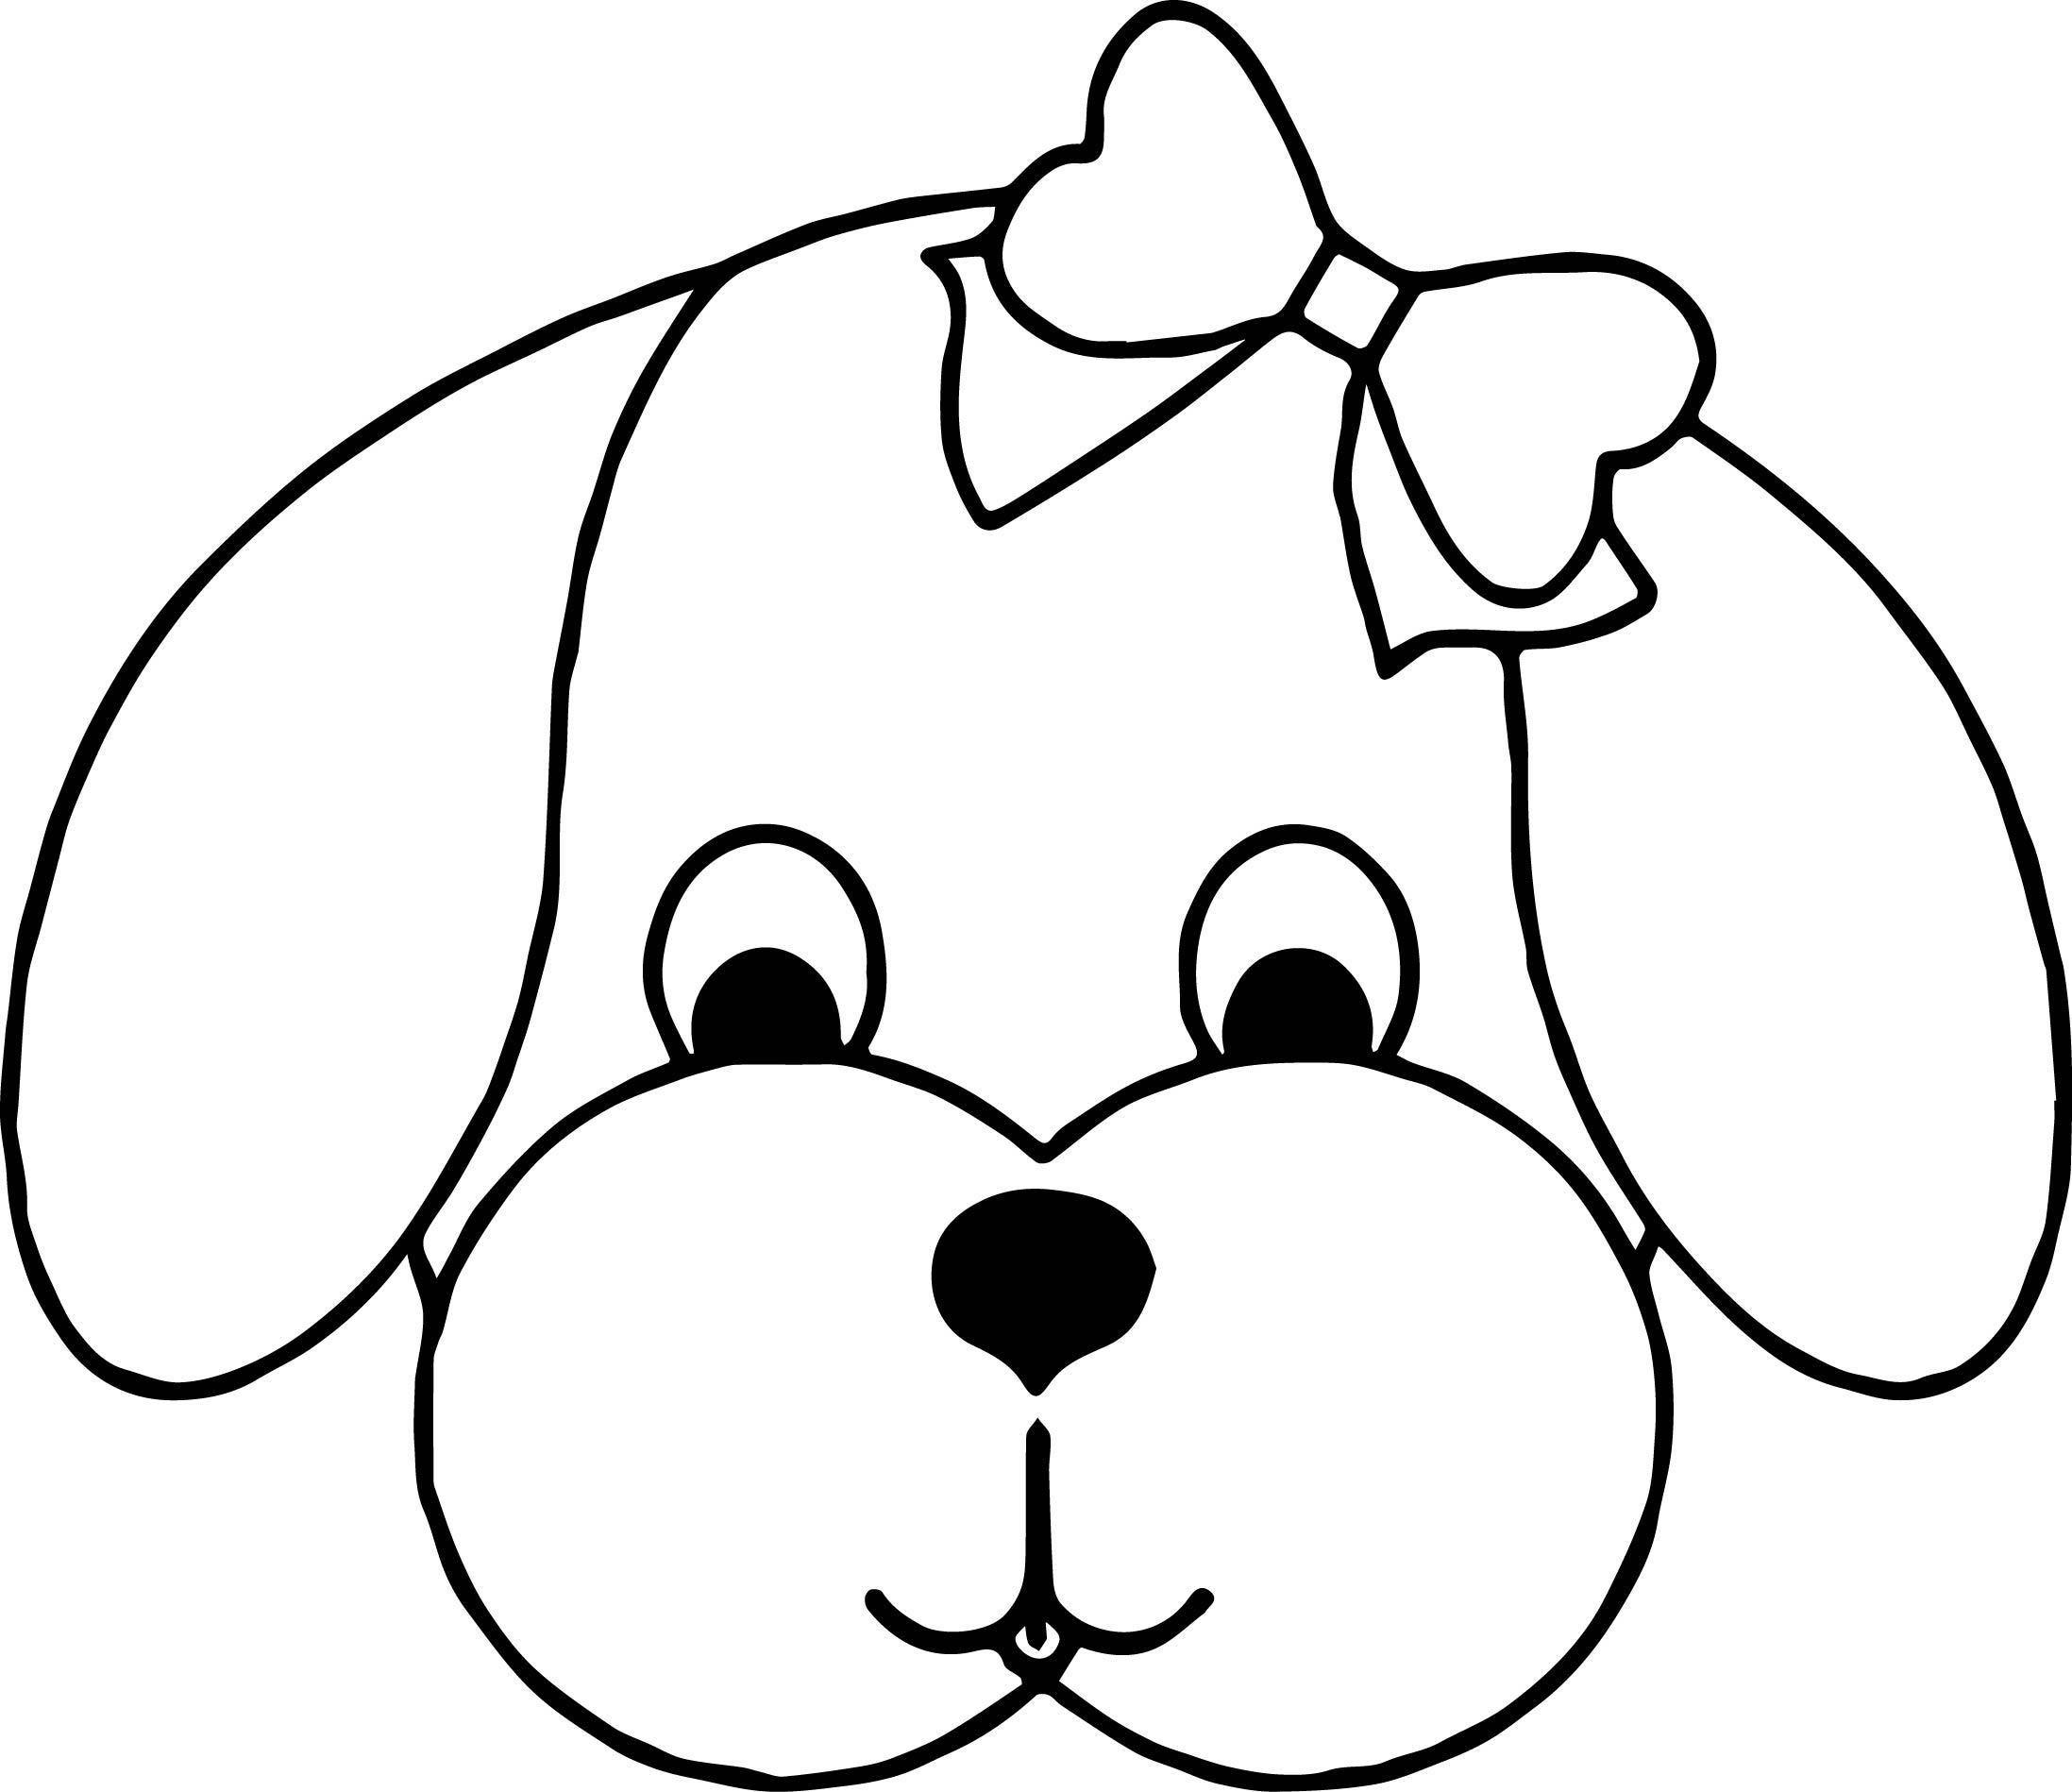 malvorlage hundekopf  ausmalbilder vorlagen für kinder